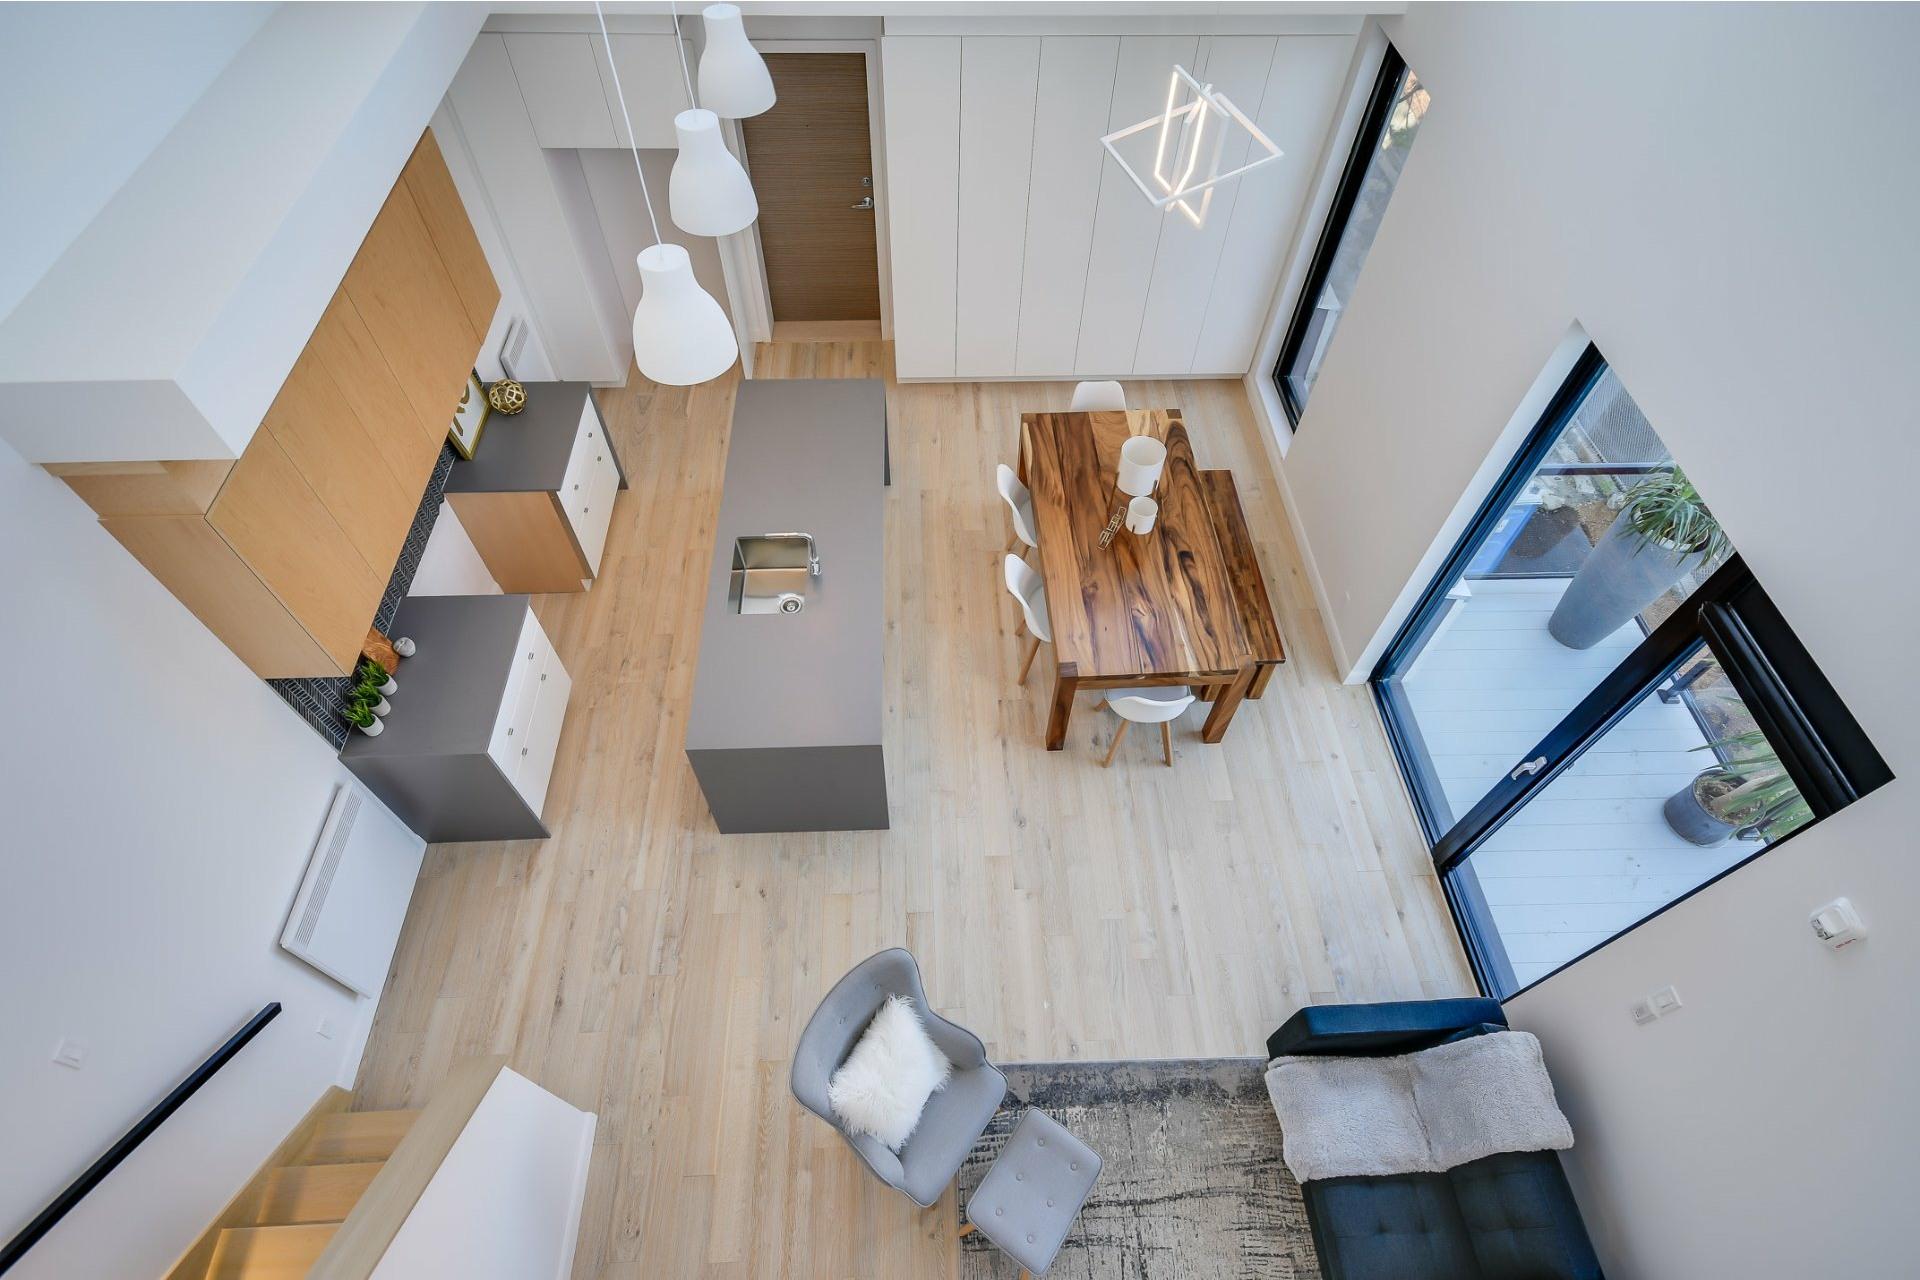 image 18 - Apartment For sale Villeray/Saint-Michel/Parc-Extension Montréal  - 7 rooms